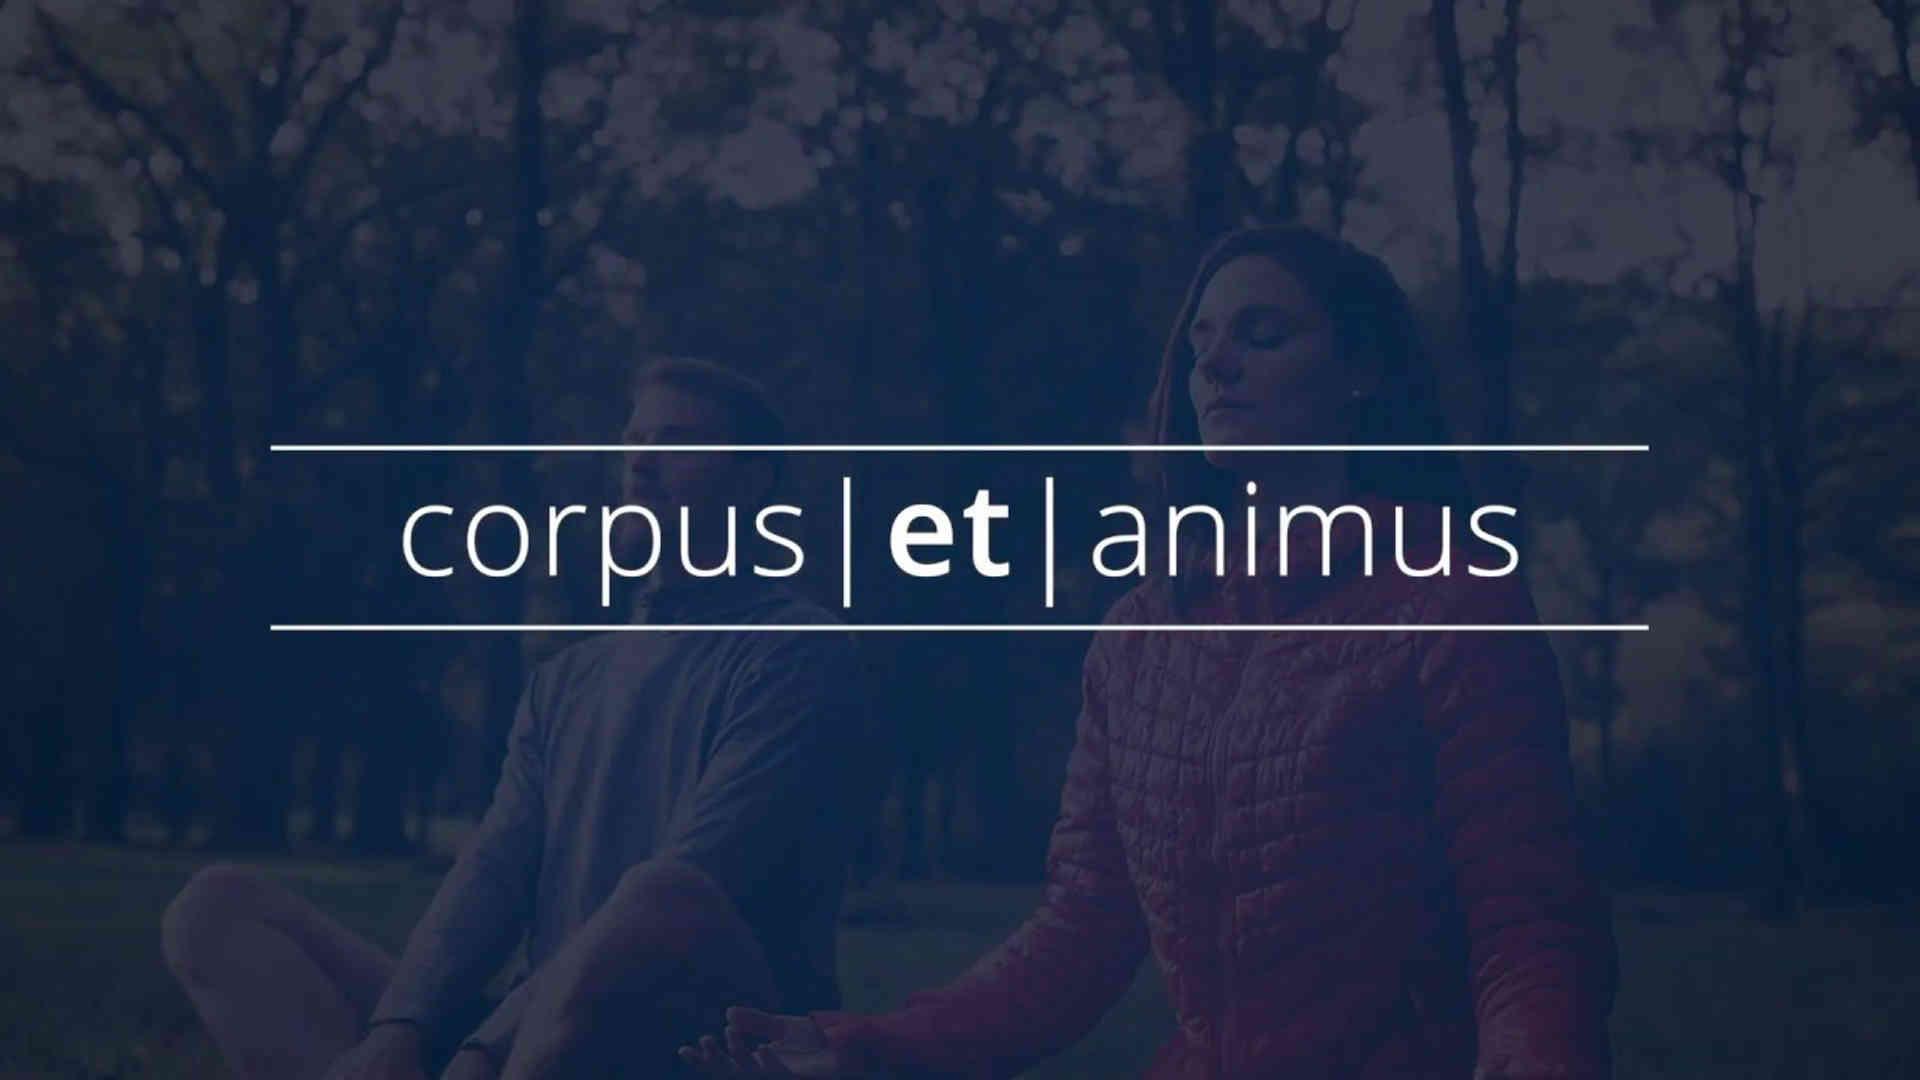 corpus   et   animus